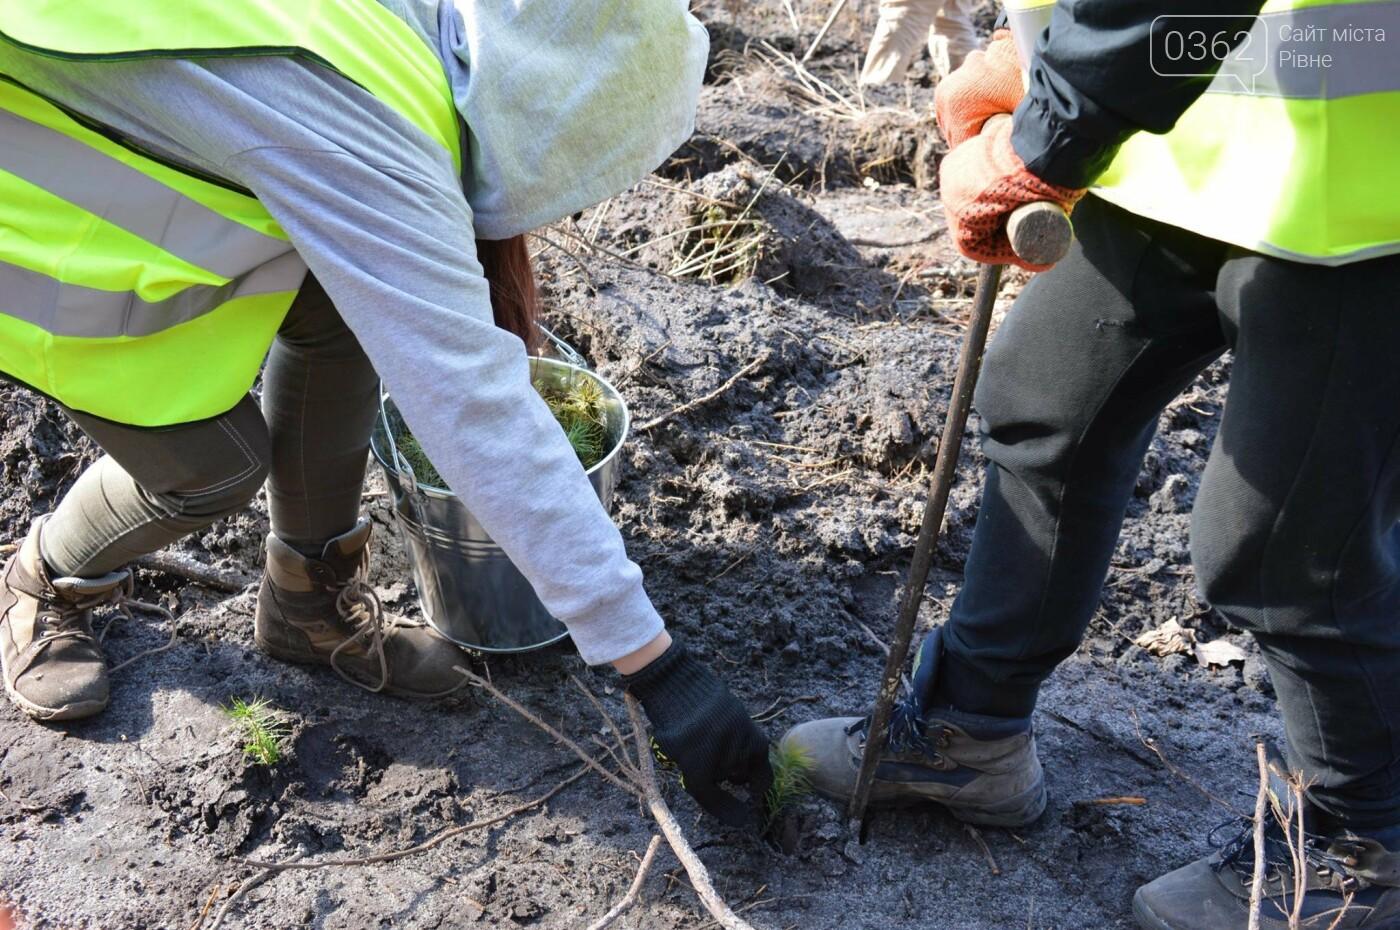 П'ятирічний хлопчик допомагав садити дерева в Олександрійському лісництві (ФОТО), фото-3